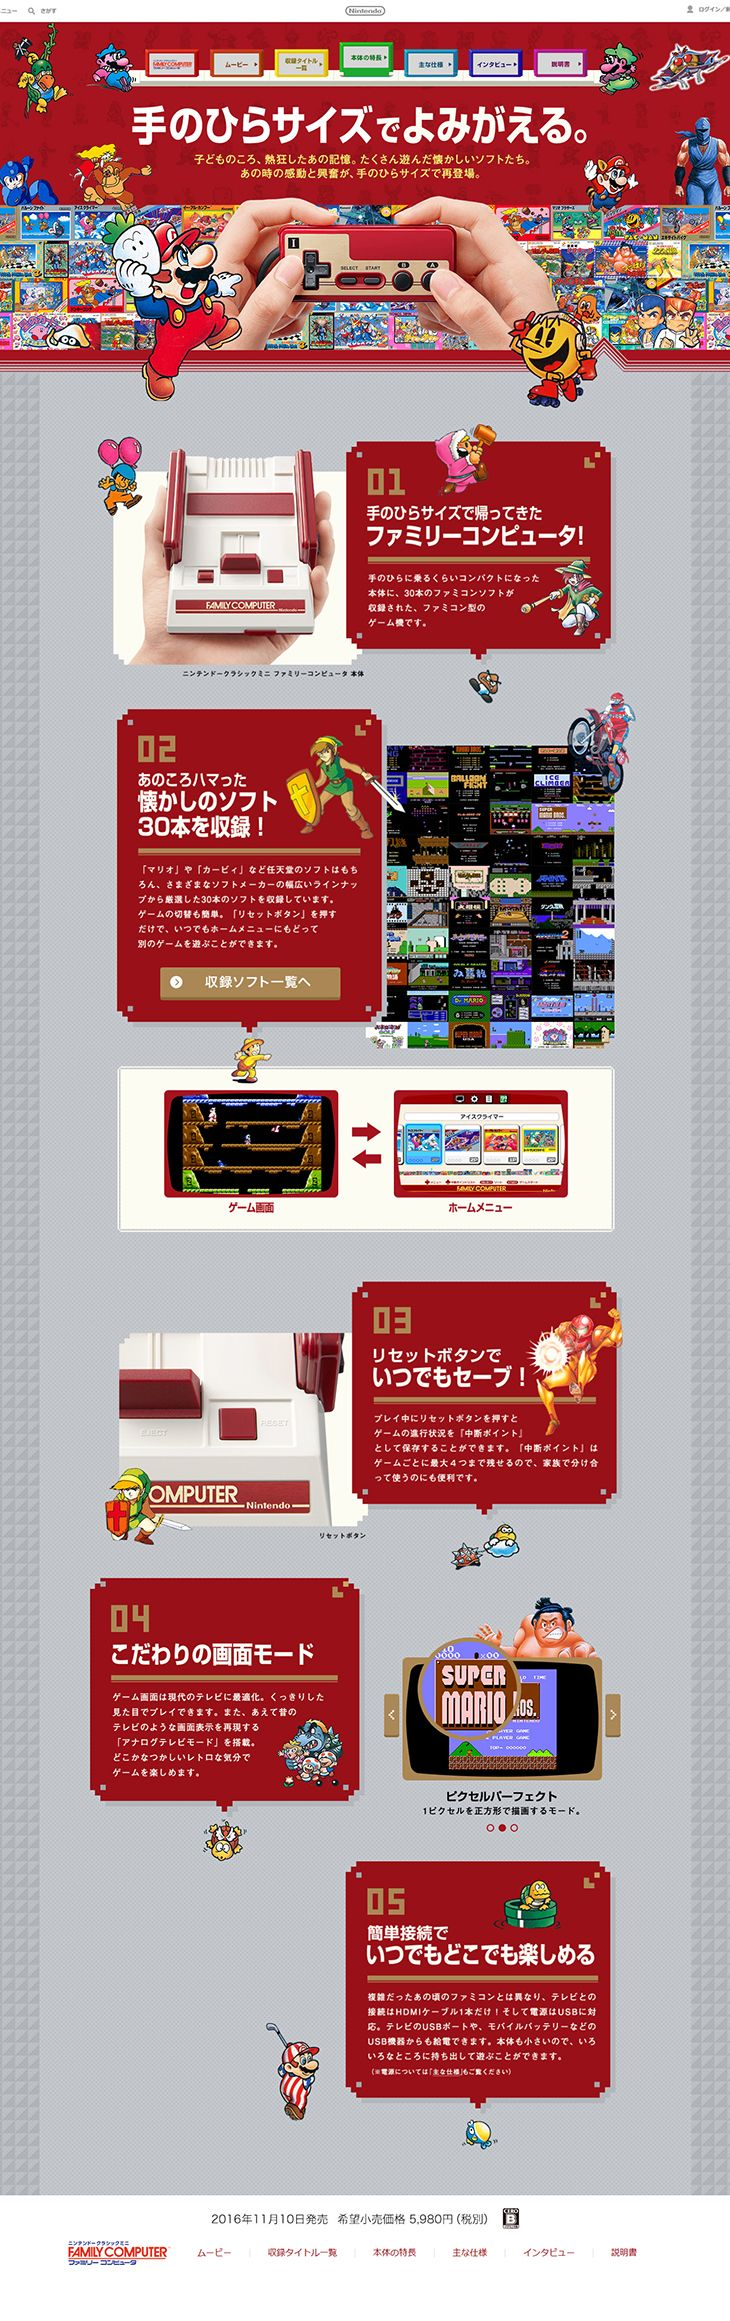 http://rdlp.jp/archives/otherdesign/lp/22272